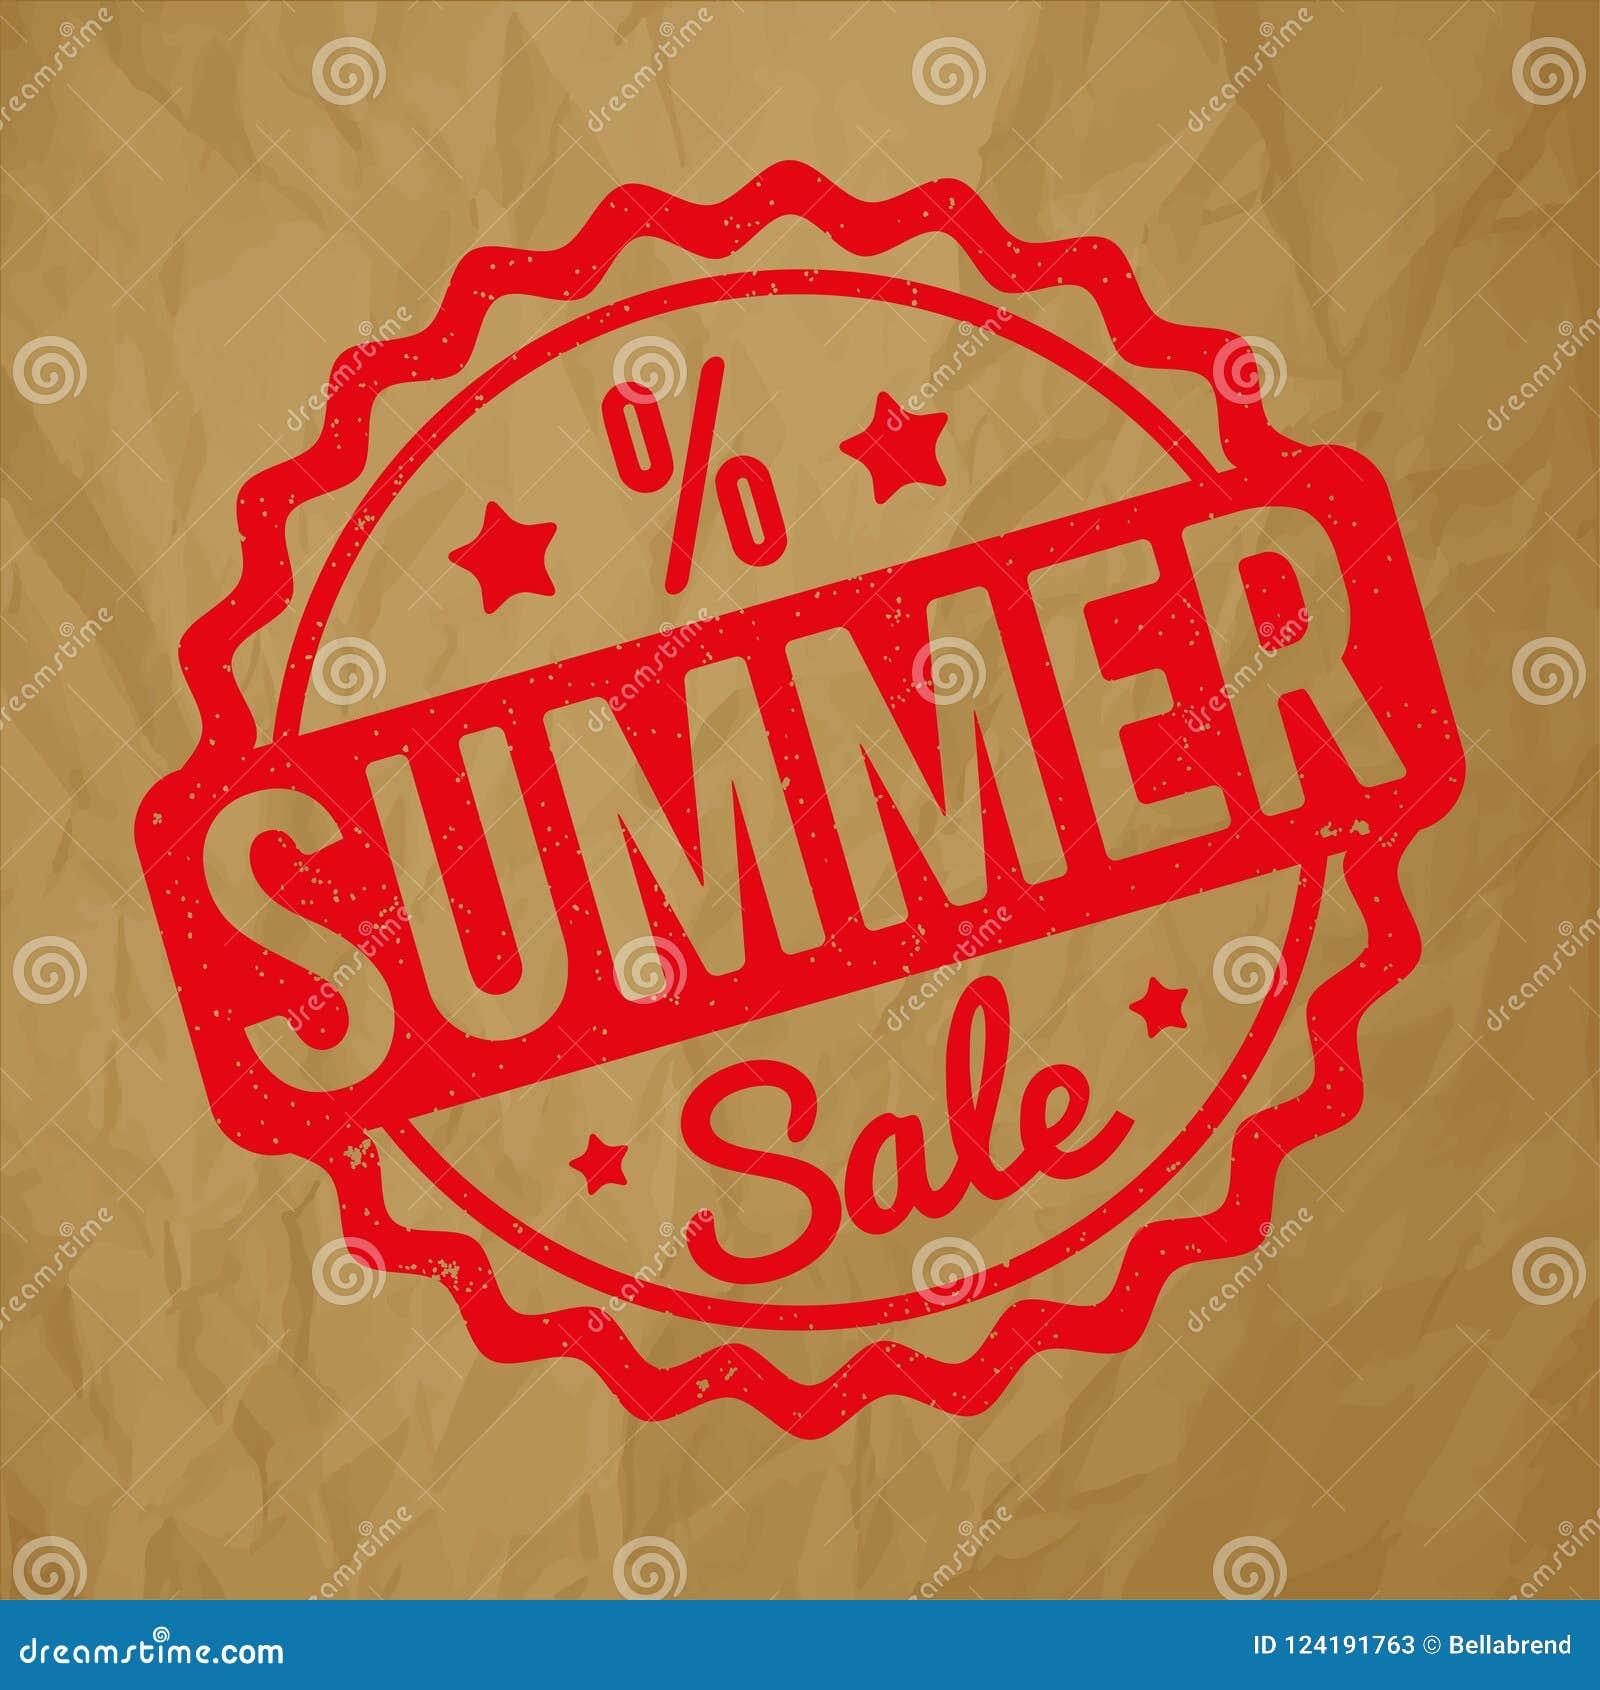 Vermelho do carimbo de borracha da venda do verão em um fundo marrom de papel amarrotado